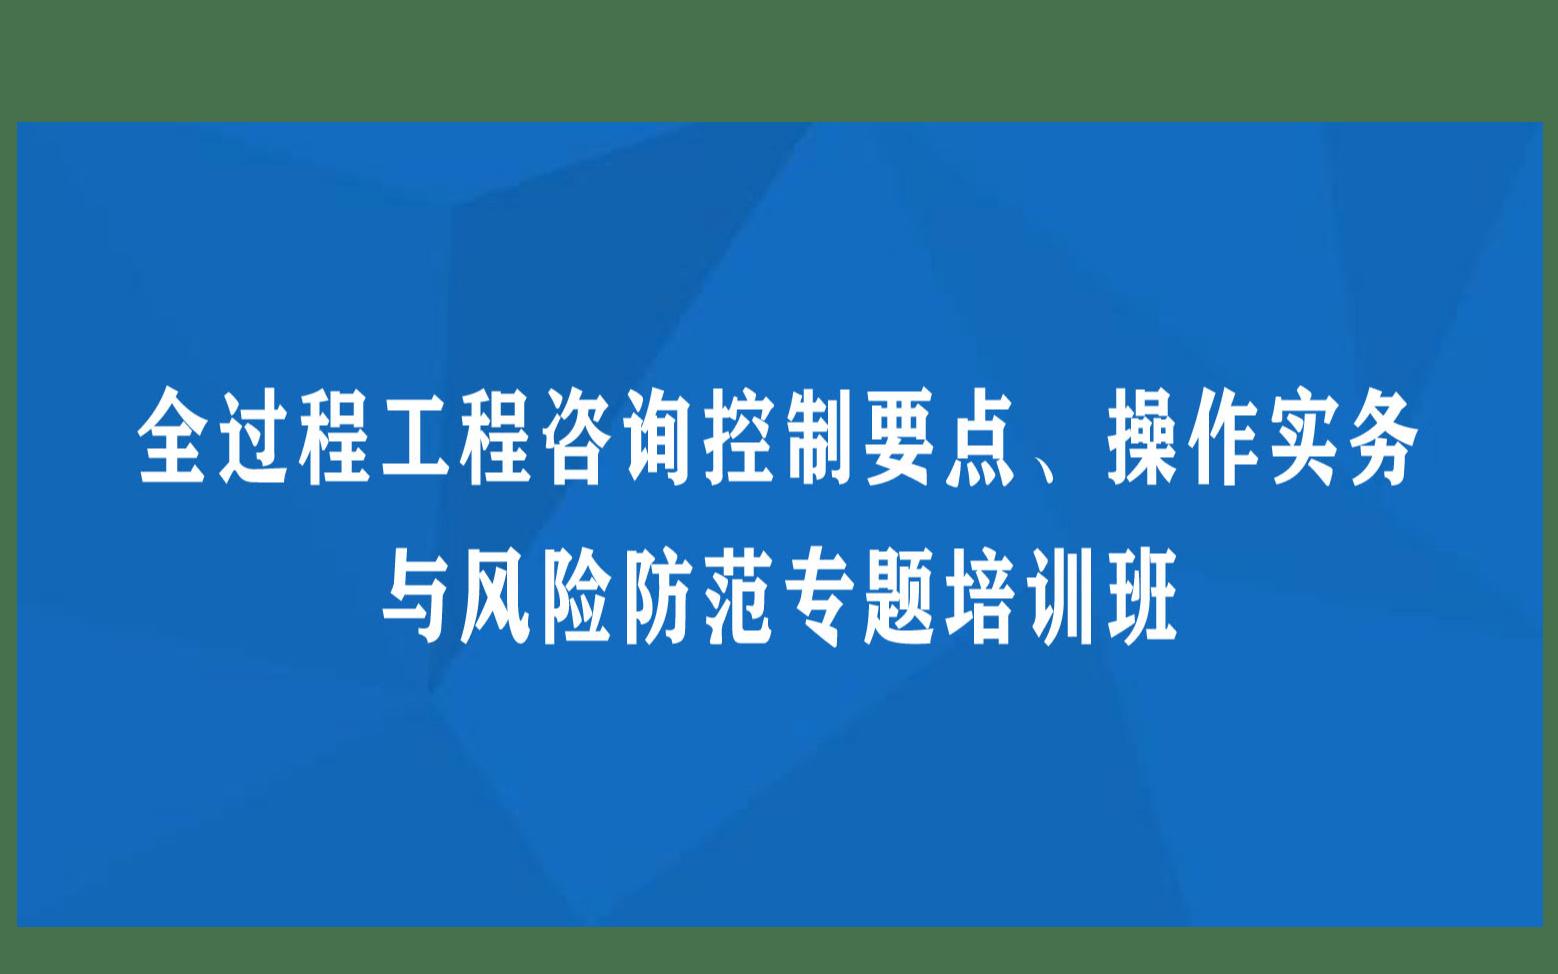 南京1月线下课程:全过程工程咨询控制要点、操作实务与风险防范专题培训班